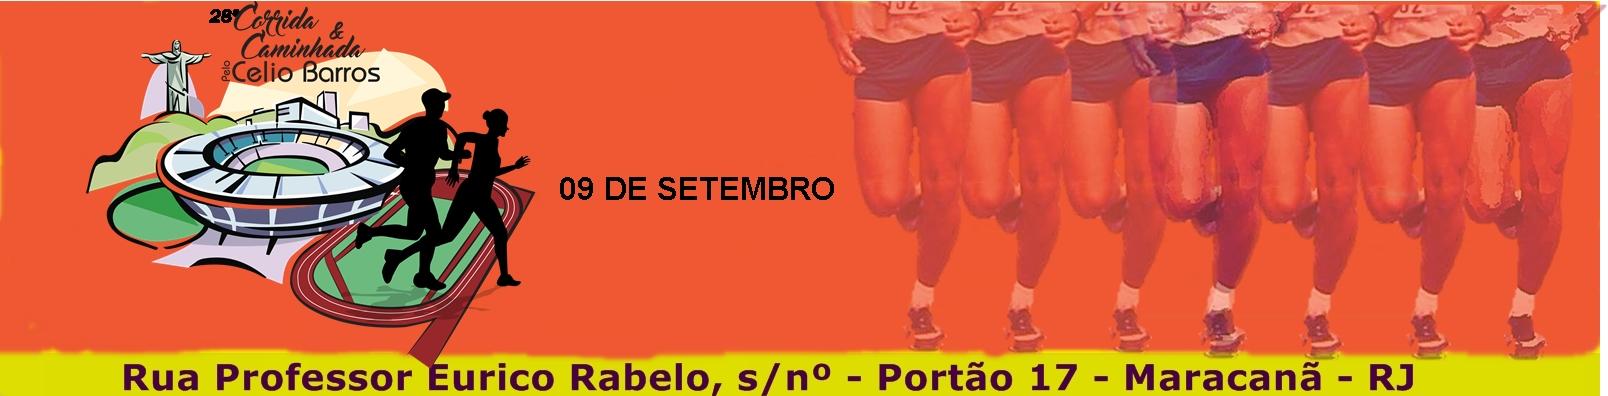 28ª CORRIDA E CAMINHADA DE CONFRATERNIZAÇÃO PELA RECONSTRUÇÃO DO ESTÁDIO DE ATLETISMO CÉLIO DE BARROS